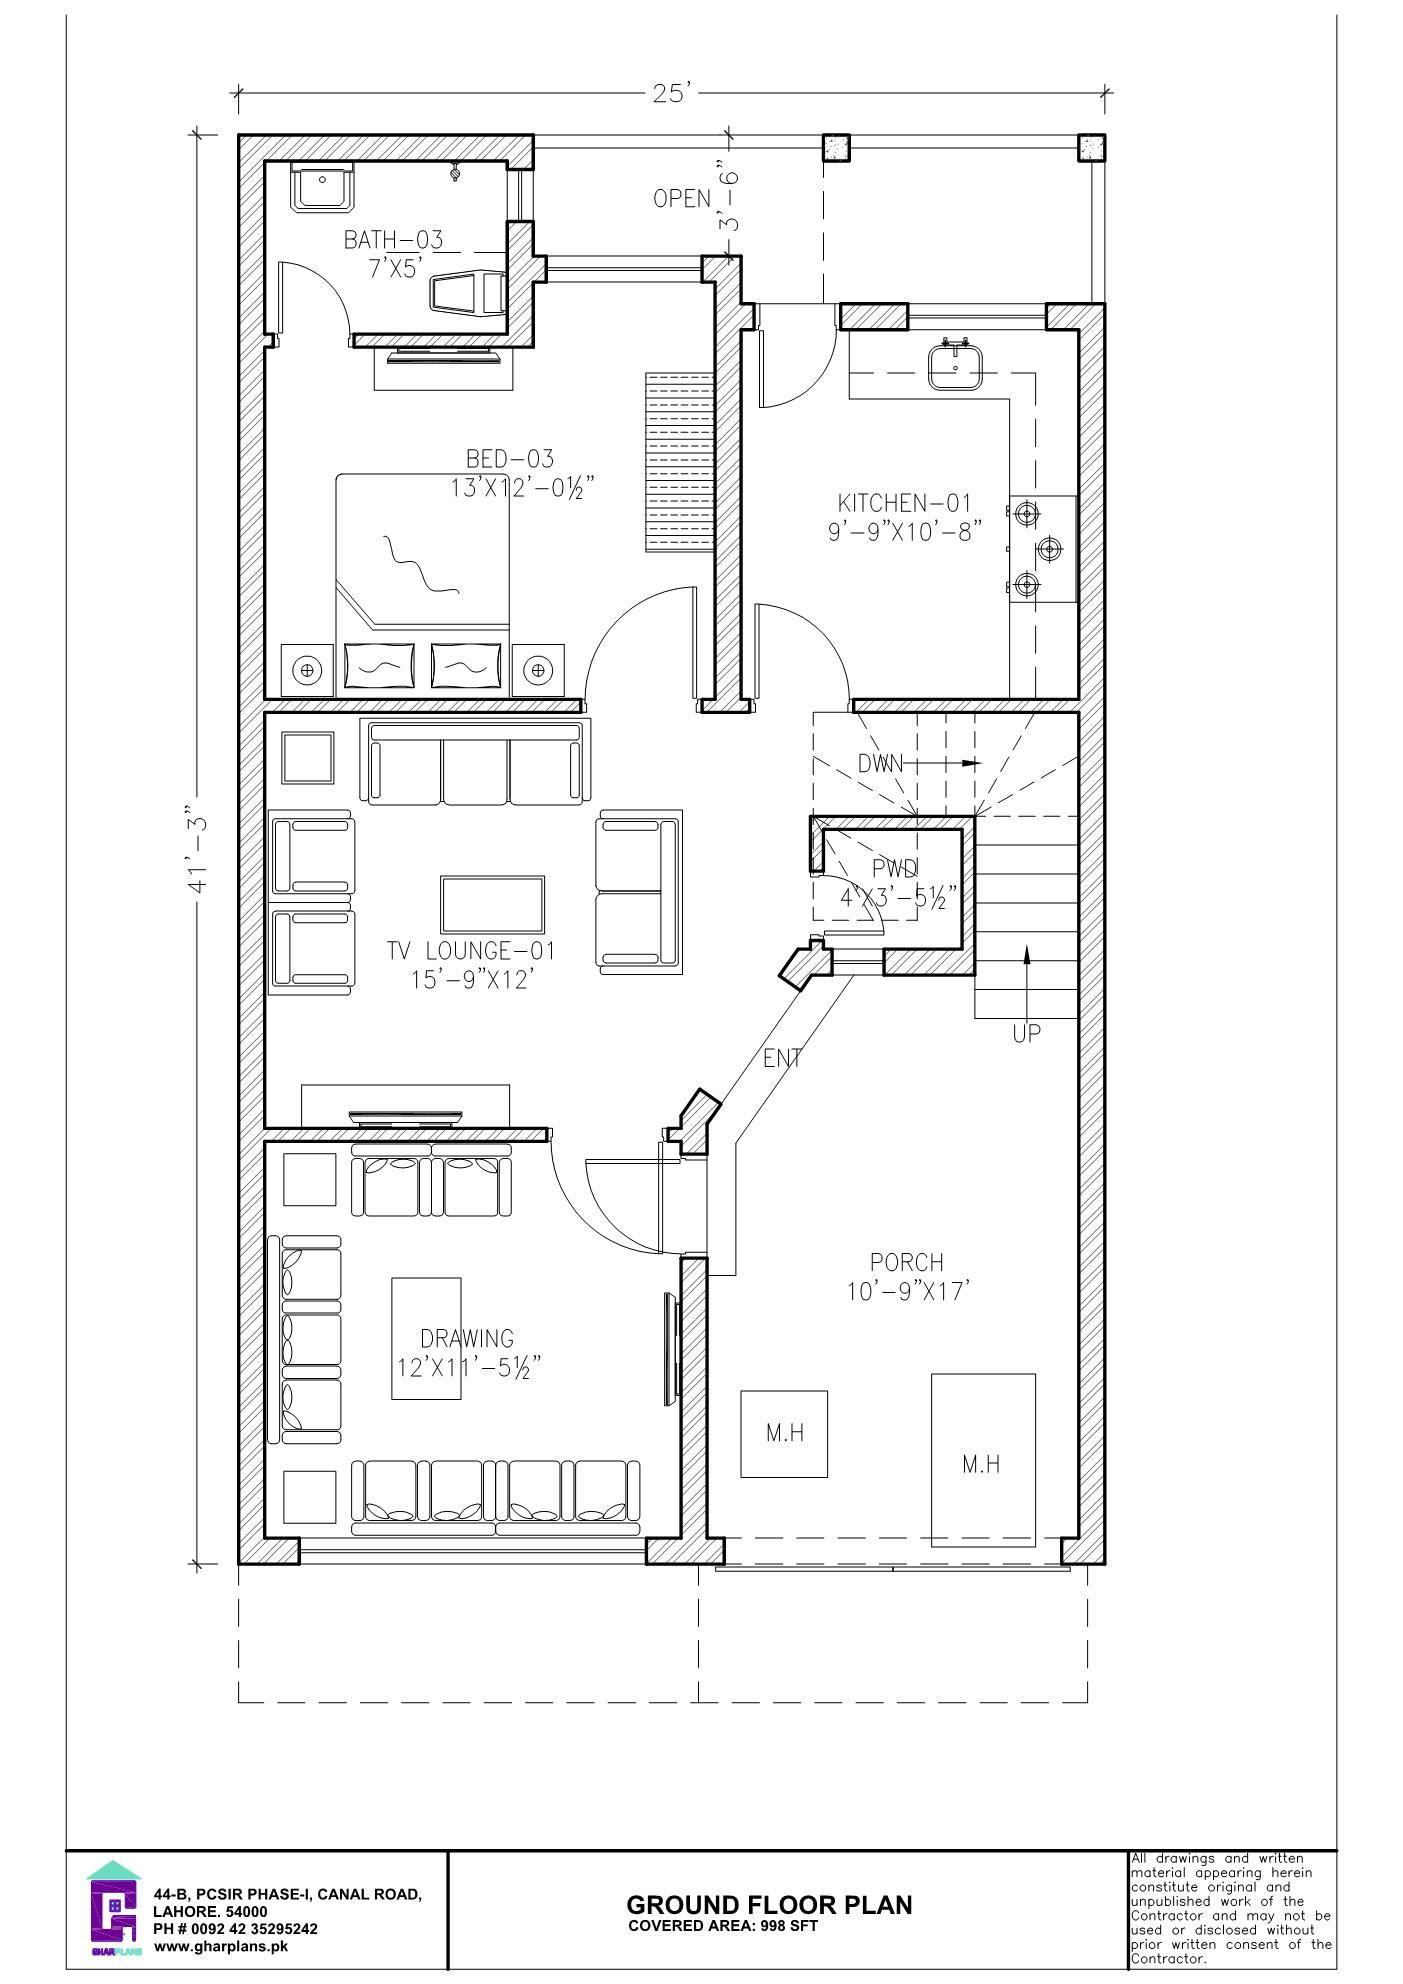 6 Bedroom 5 Marla Ground Floor Plan Two Storey House Plans House Plans Mansion Floor Plan Layout